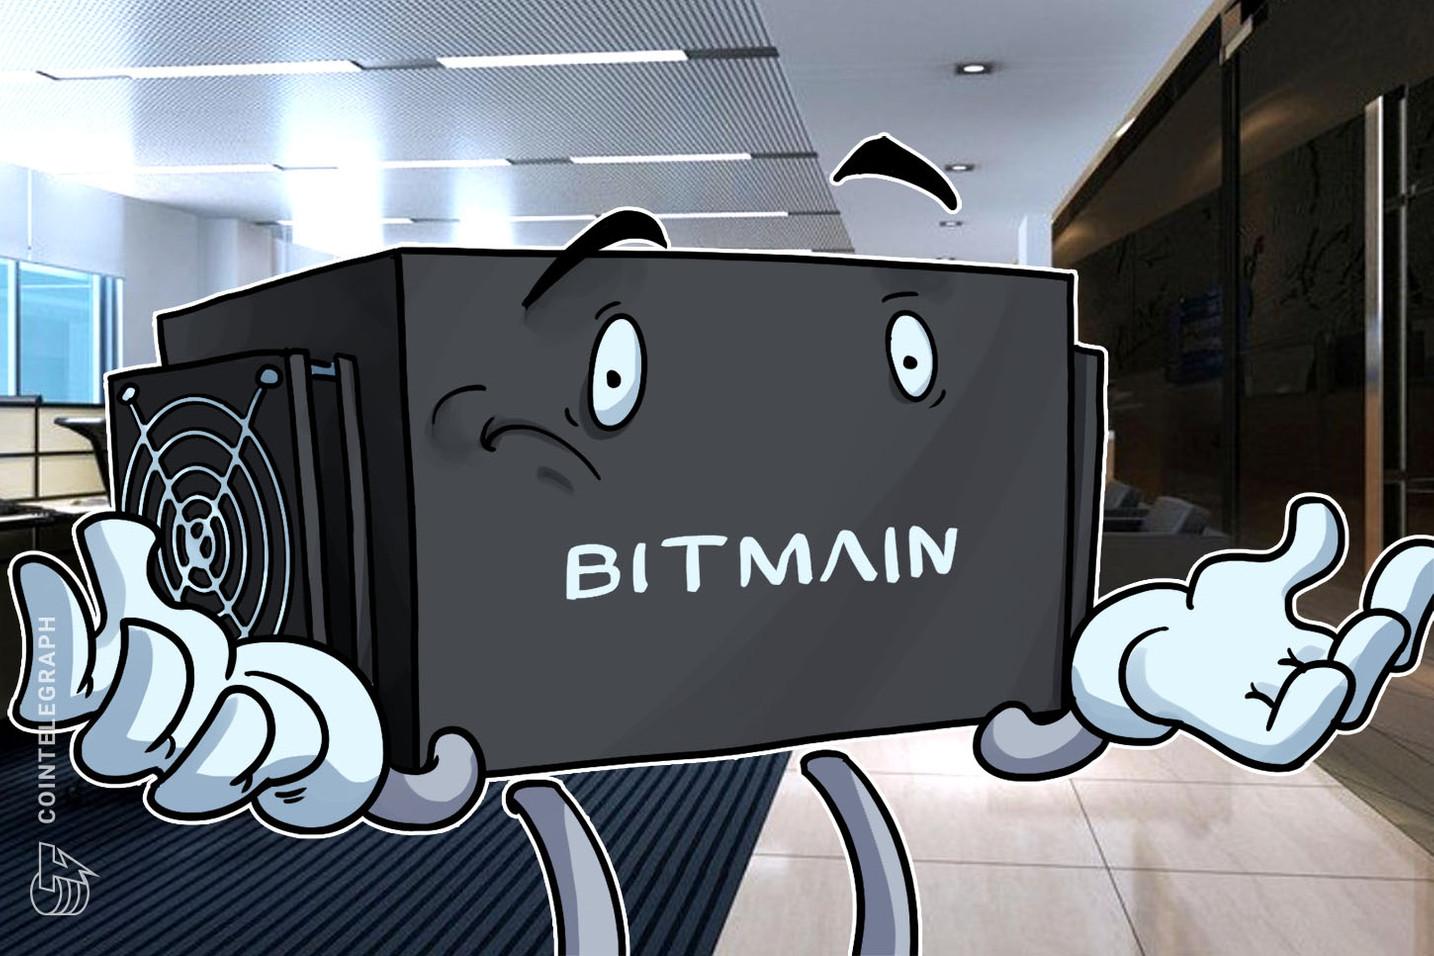 Bitmain dice que su, ahora caducada, salida a bolsa hizo a la empresa más transparente, también revela el nombramiento de un nuevo CEO